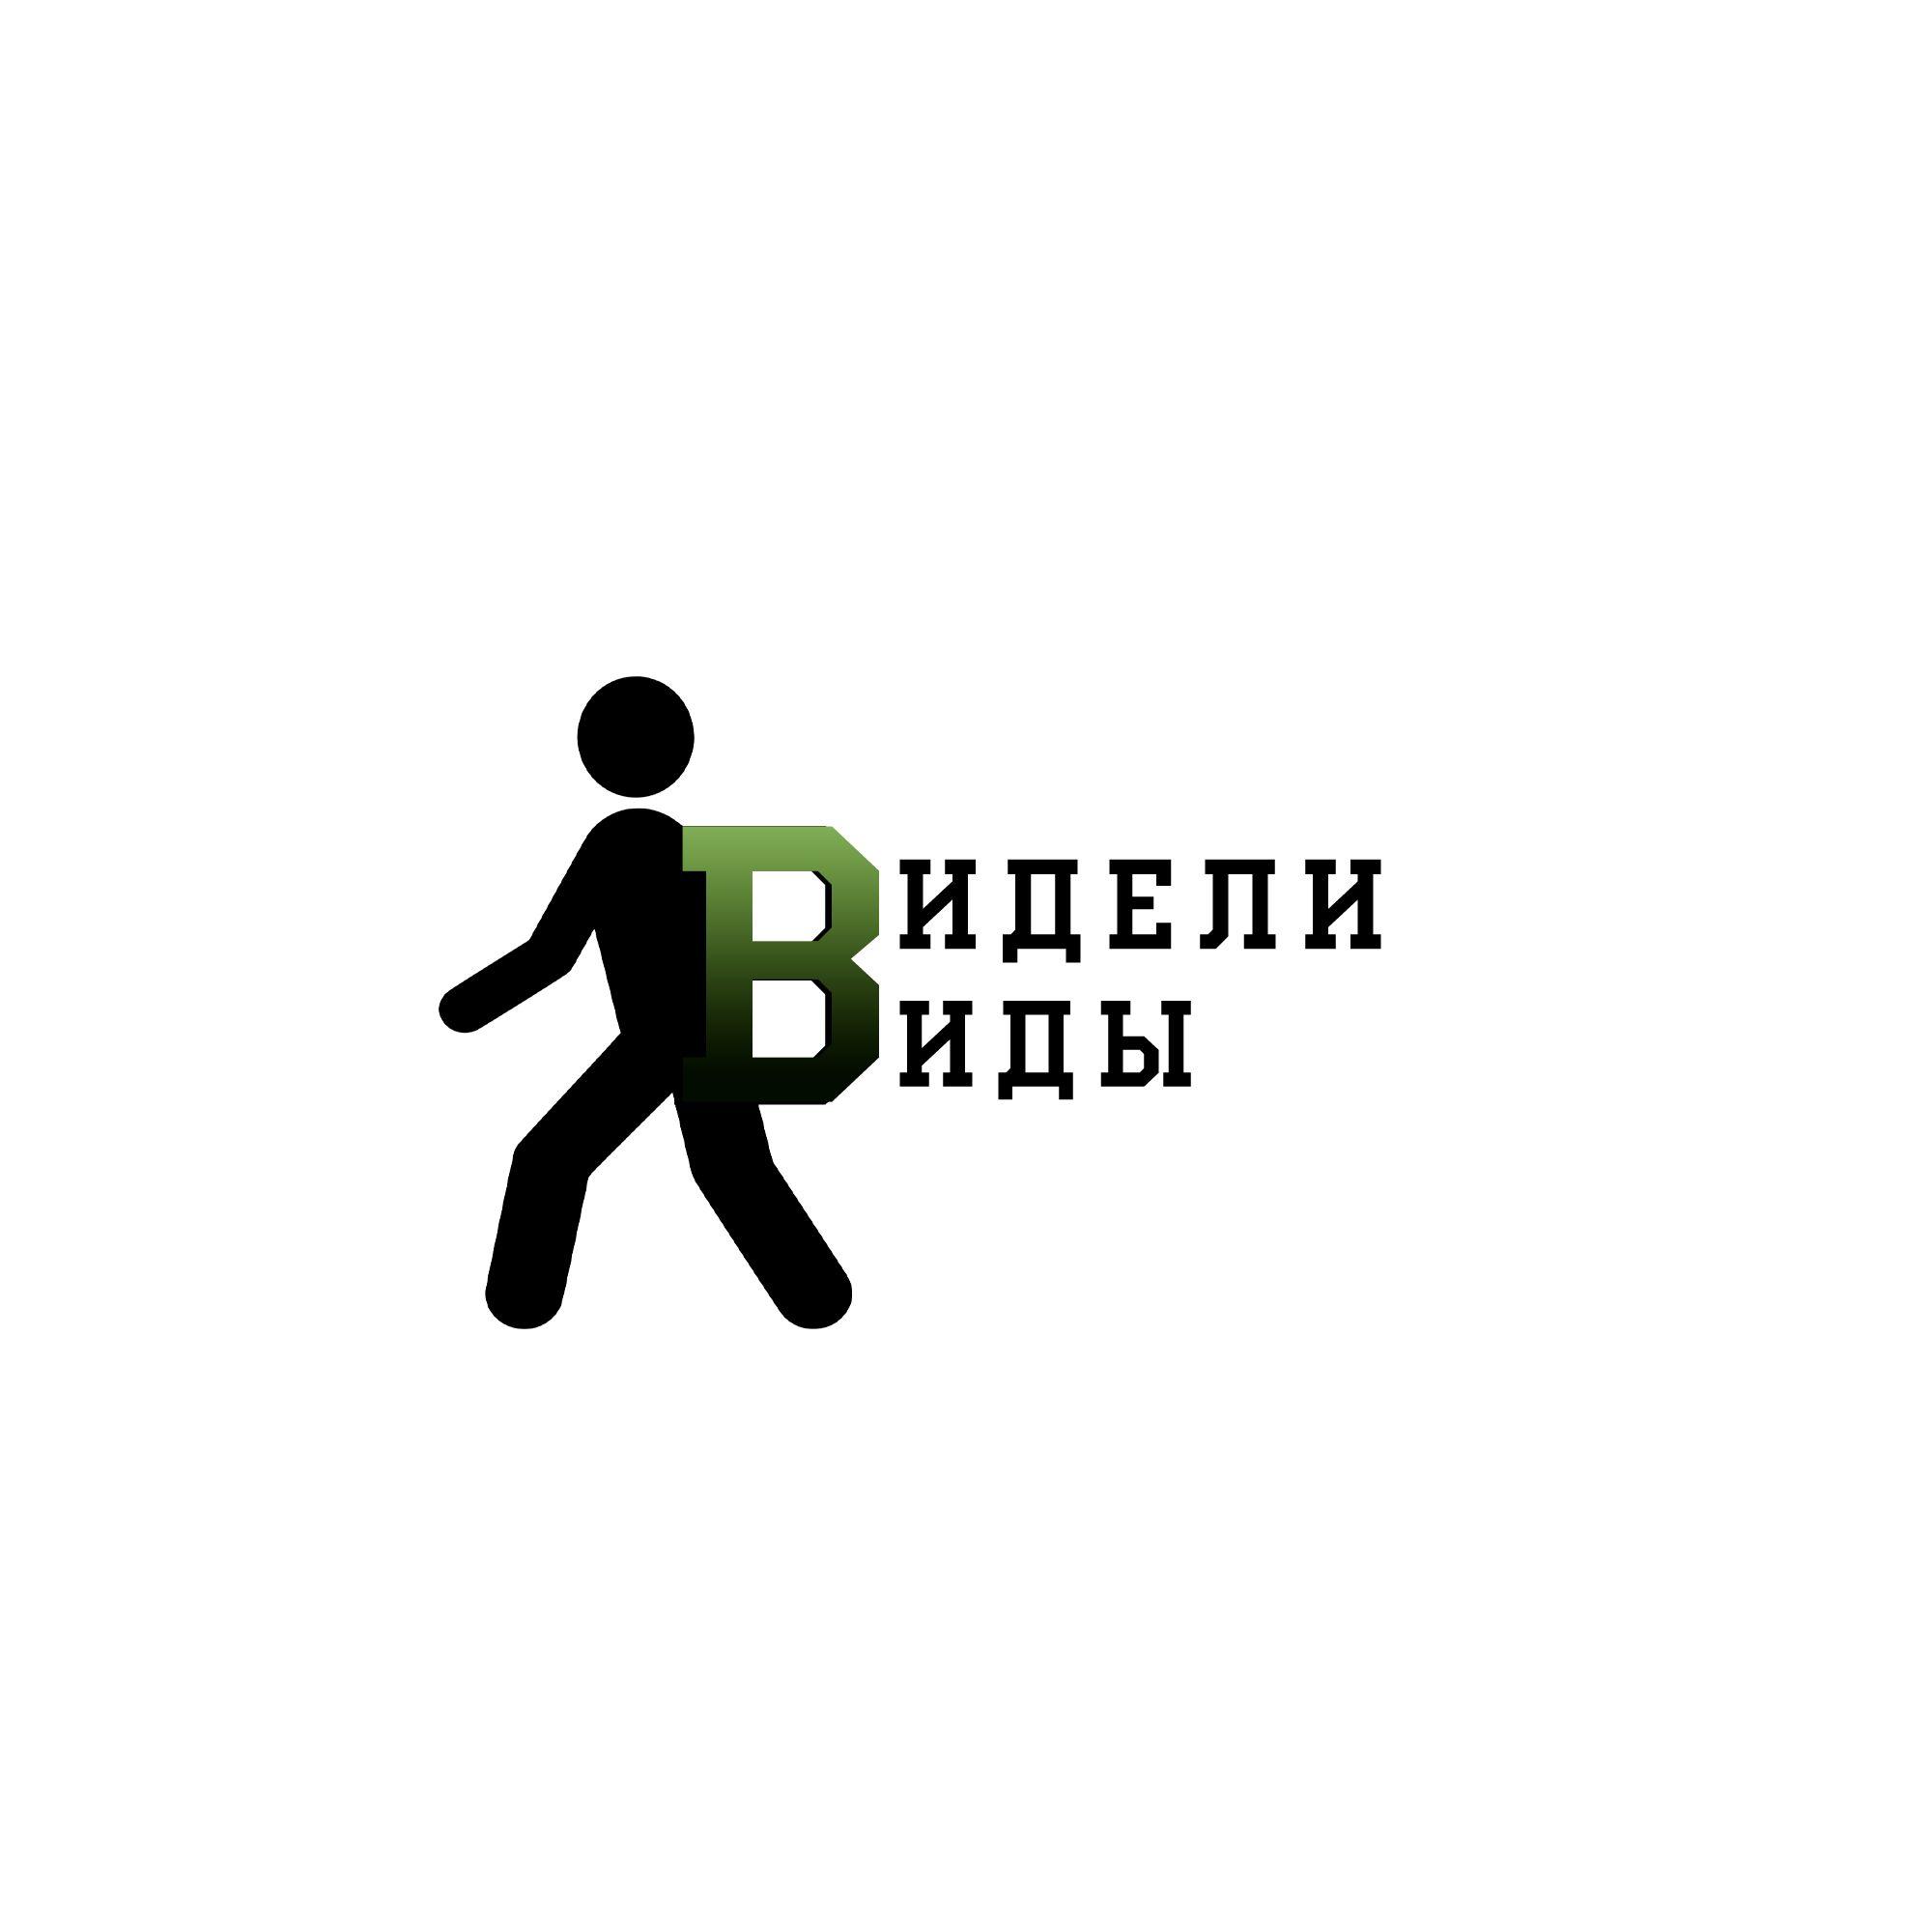 Логотип для Видели Виды - дизайнер GORENOLM